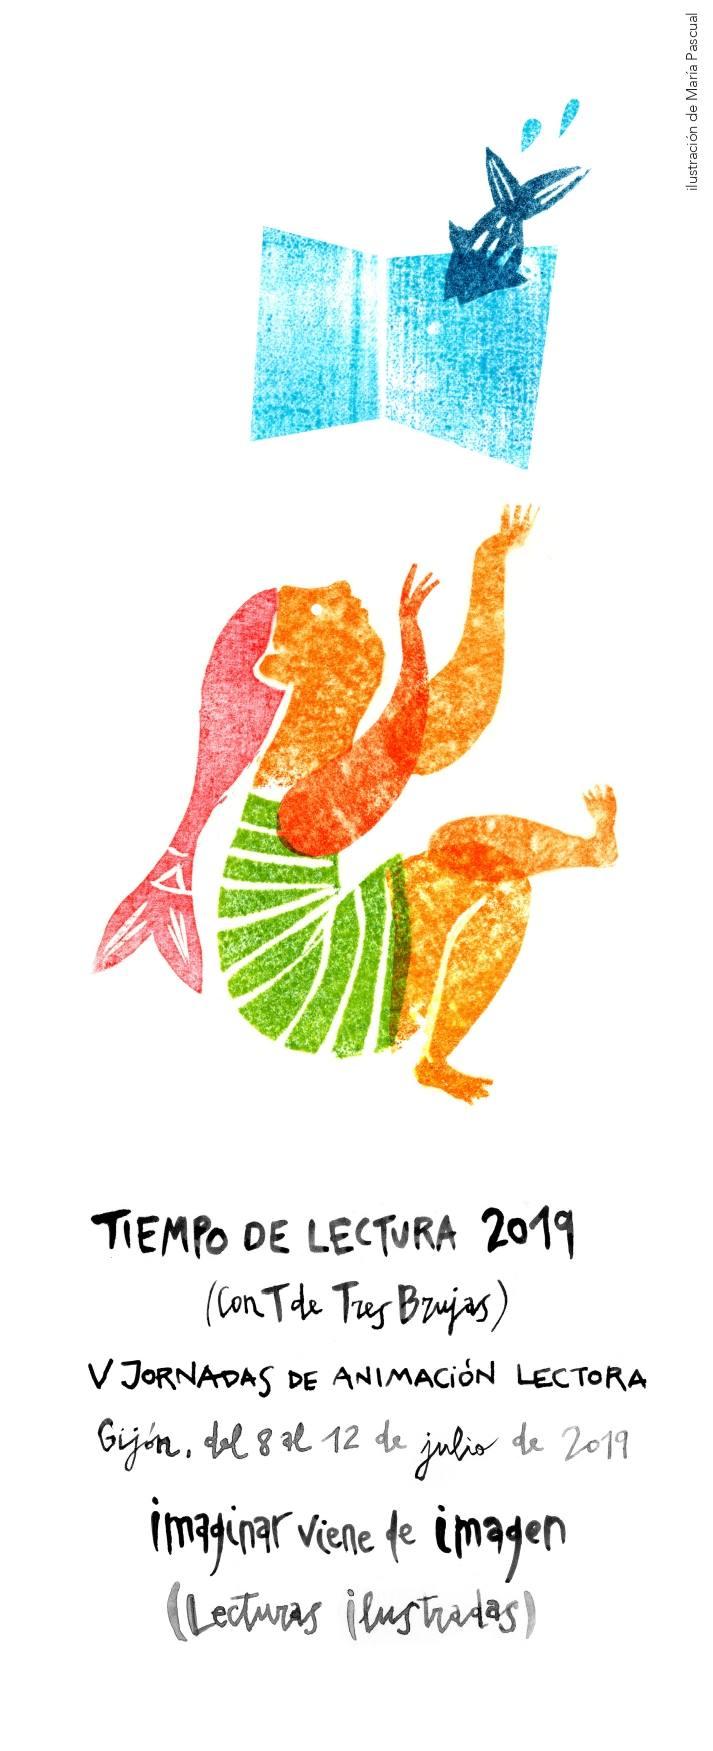 Cartel para TdL2019 JORNADAS TIEMPO DE LECTURA 2019: imaginar viene de imagen.  Gijón, del 8 al 12 de julio de 2019